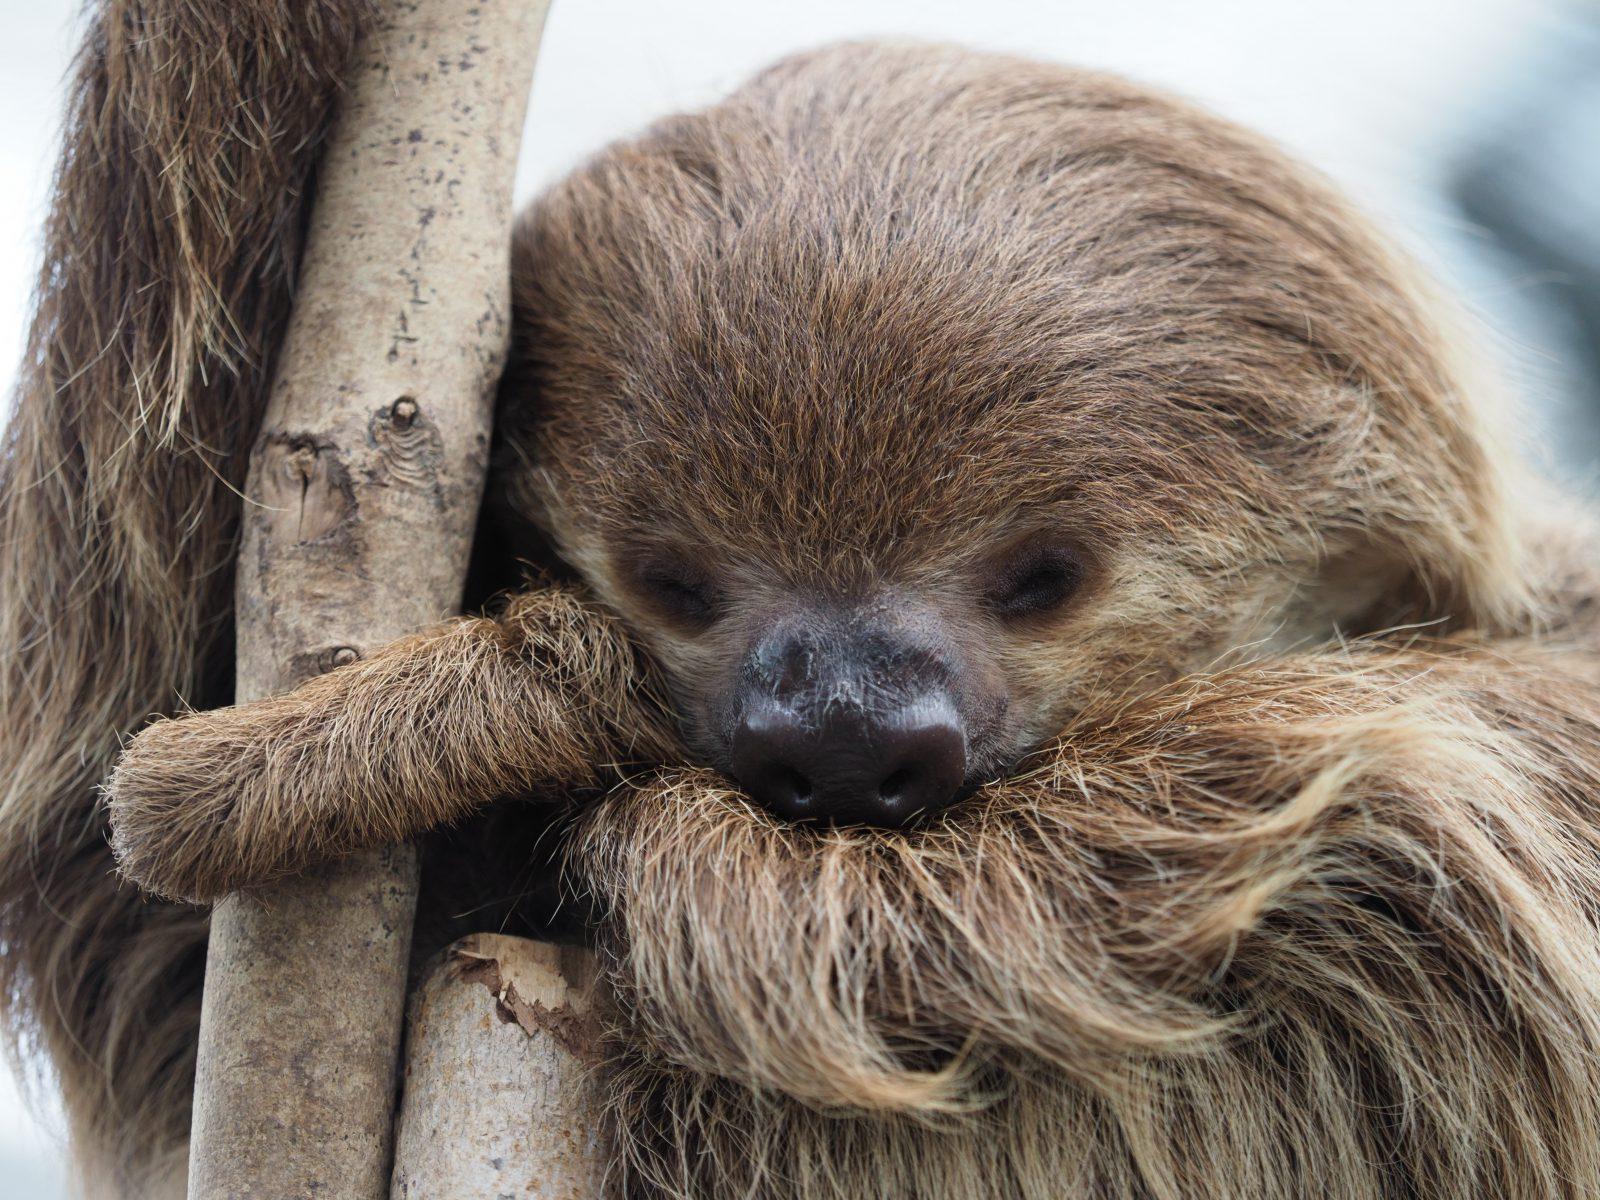 A característica mais marcante do bicho preguiça é a sua movimentação lenta.